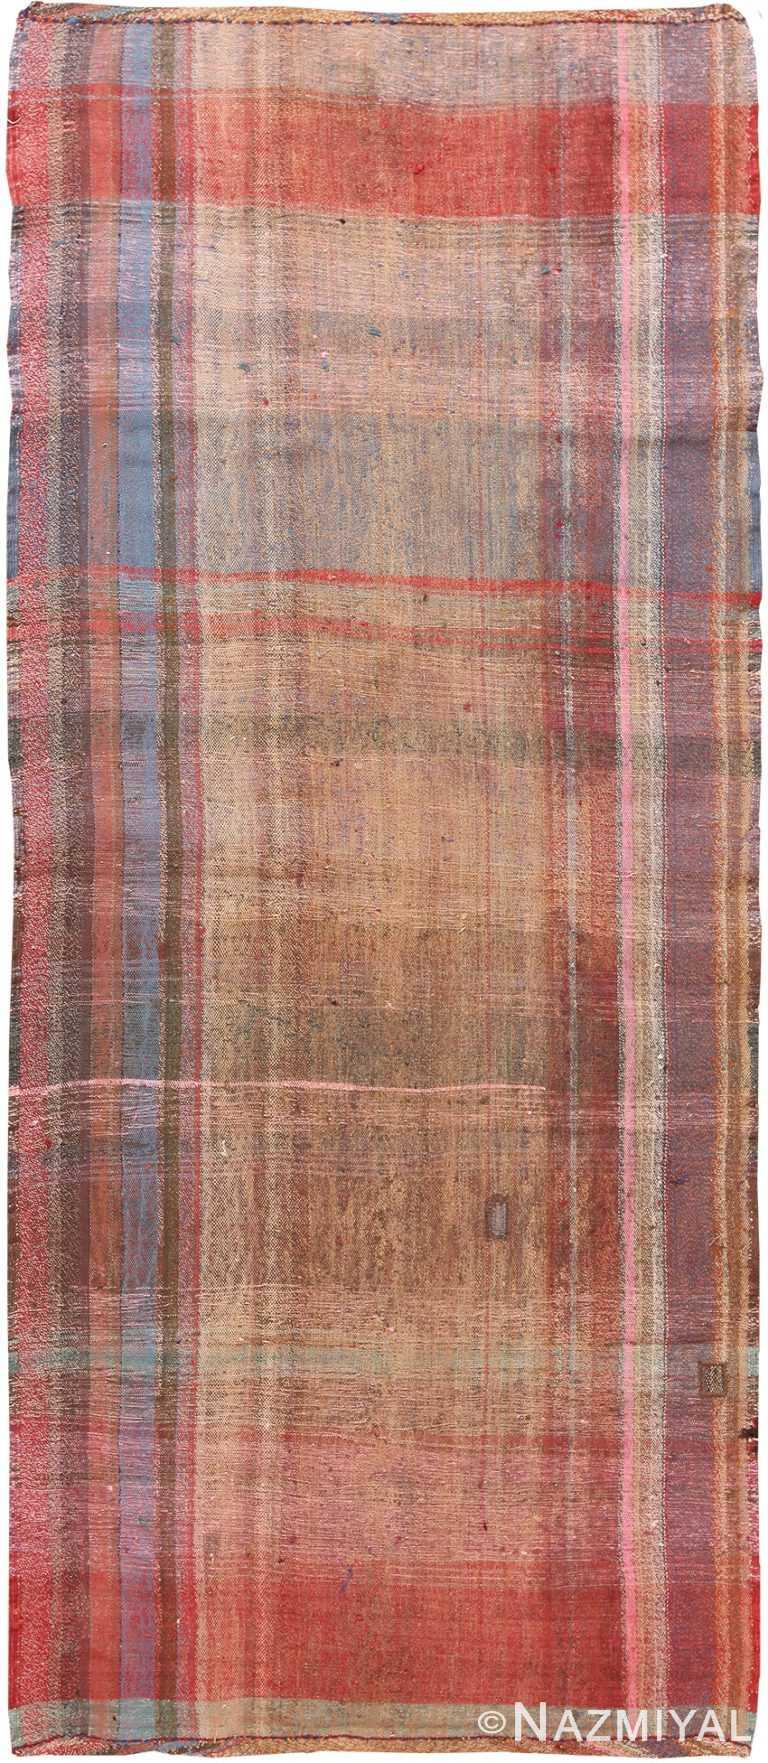 Red Rust Vintage Persian Kilim Runner Rug 60361 by Nazmiyal NYC